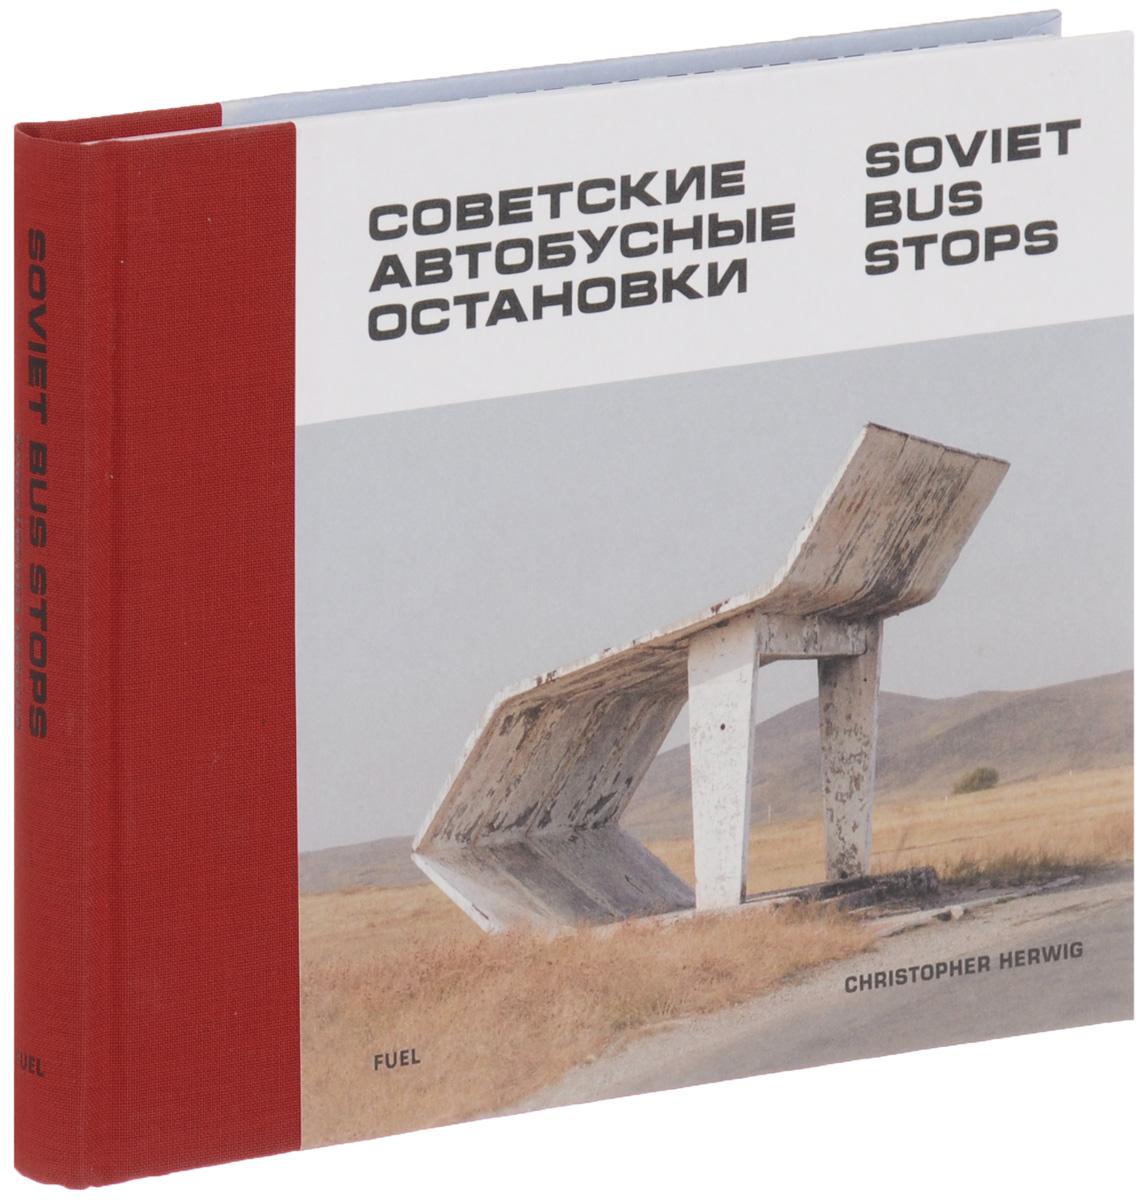 Советские автобусные остановки / Soviet Bus Stops коровин в м конец проекта украина